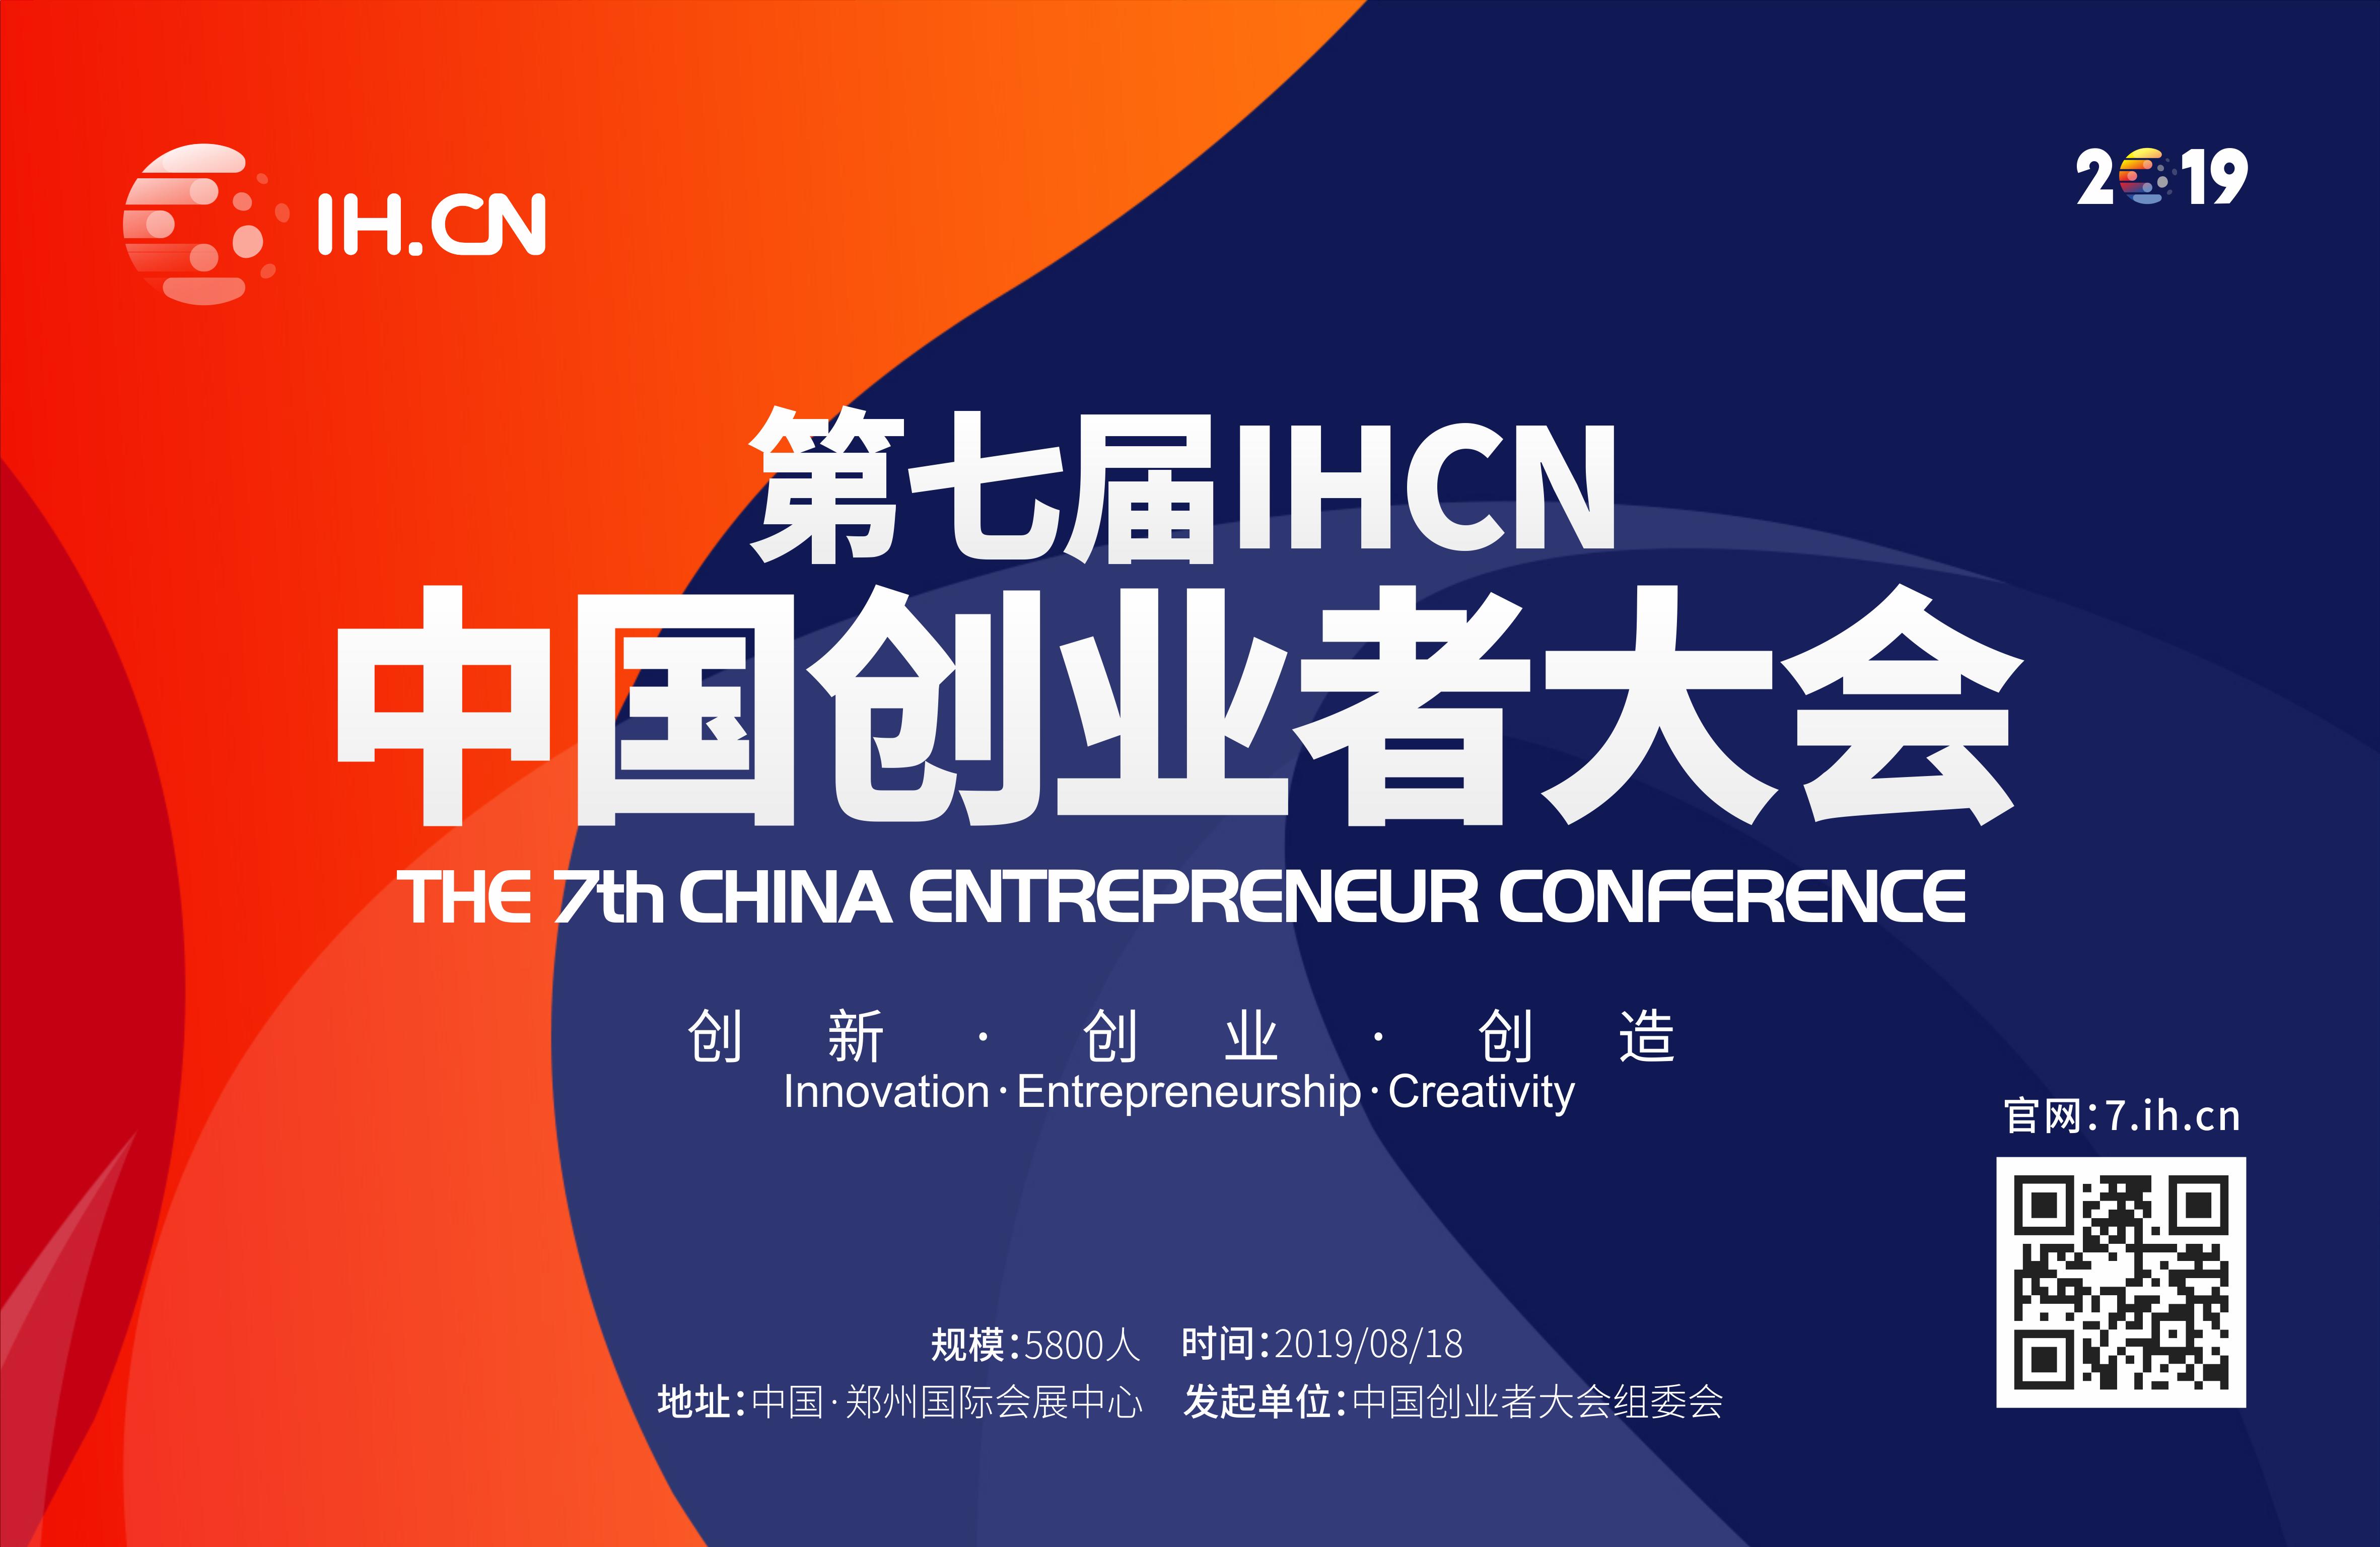 集聚创新资源 百位嘉宾拟出席第七届中国创业者大会